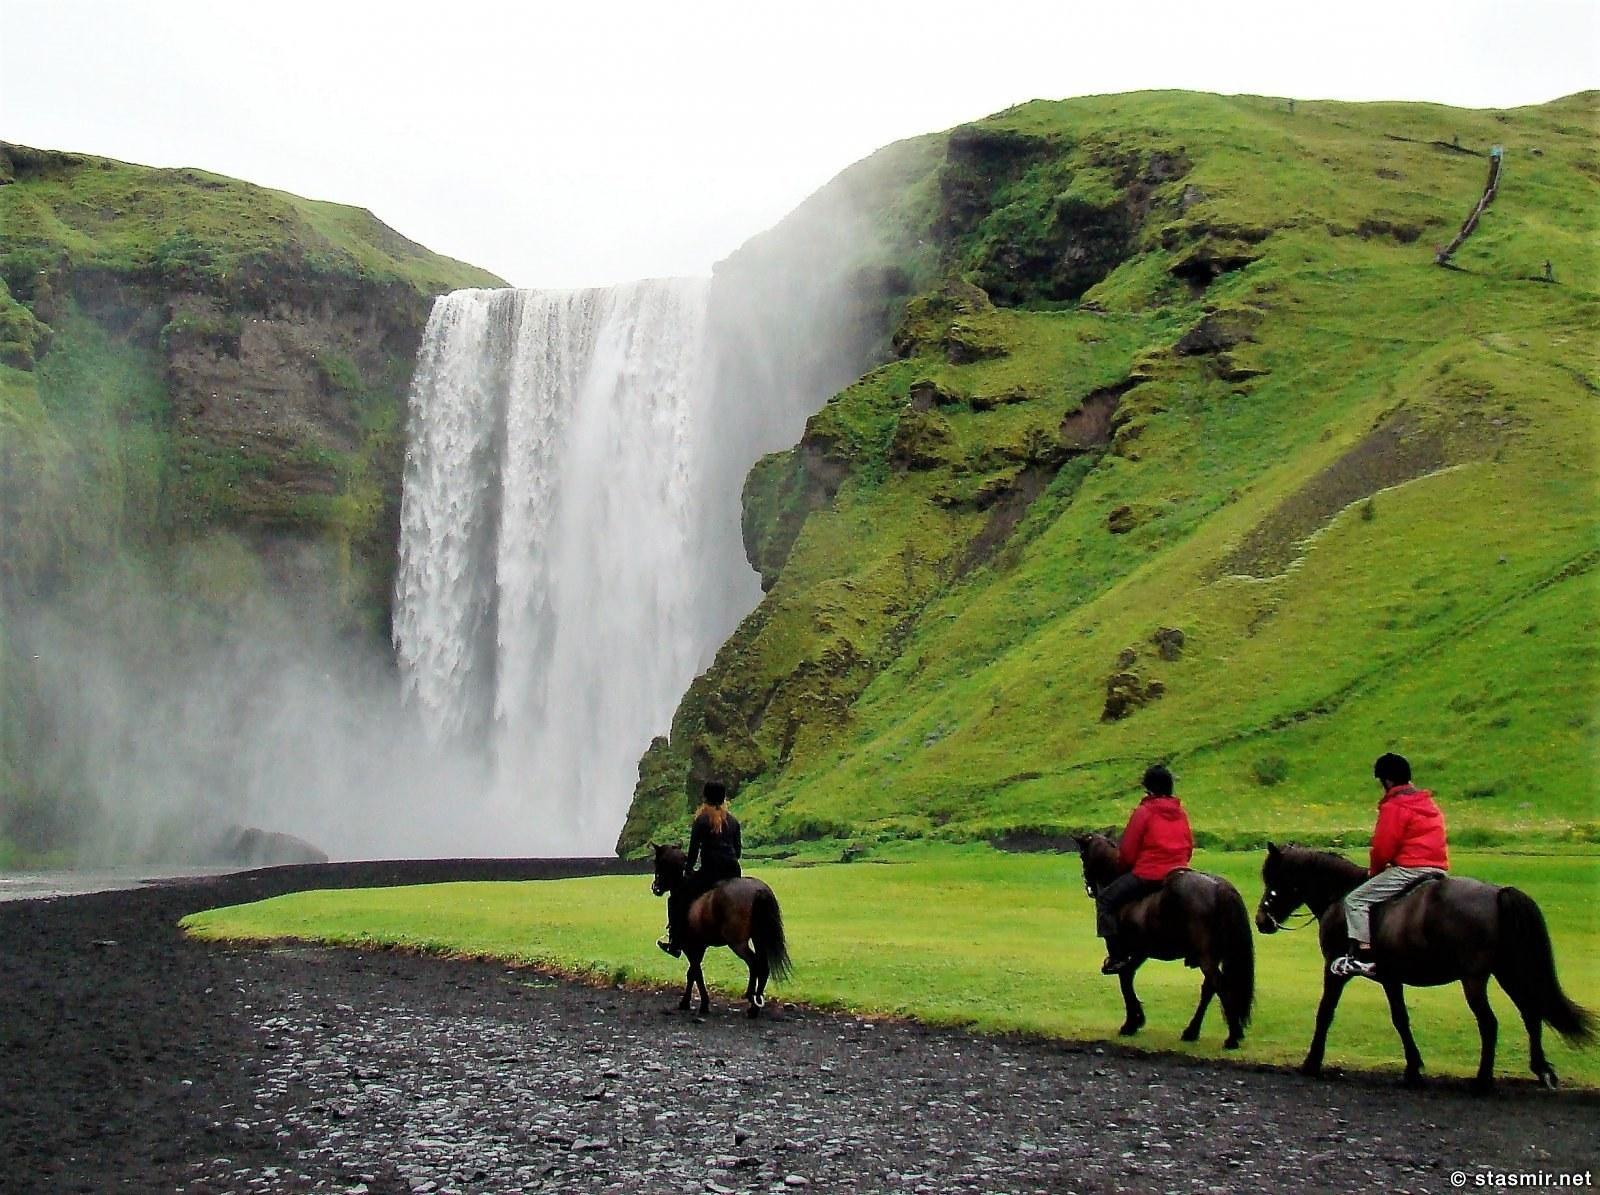 лошадиная экскурсия и водопада Скоугарфосс давным давно, Южный берег Исландии, фото Стасмир, photo Stasmir